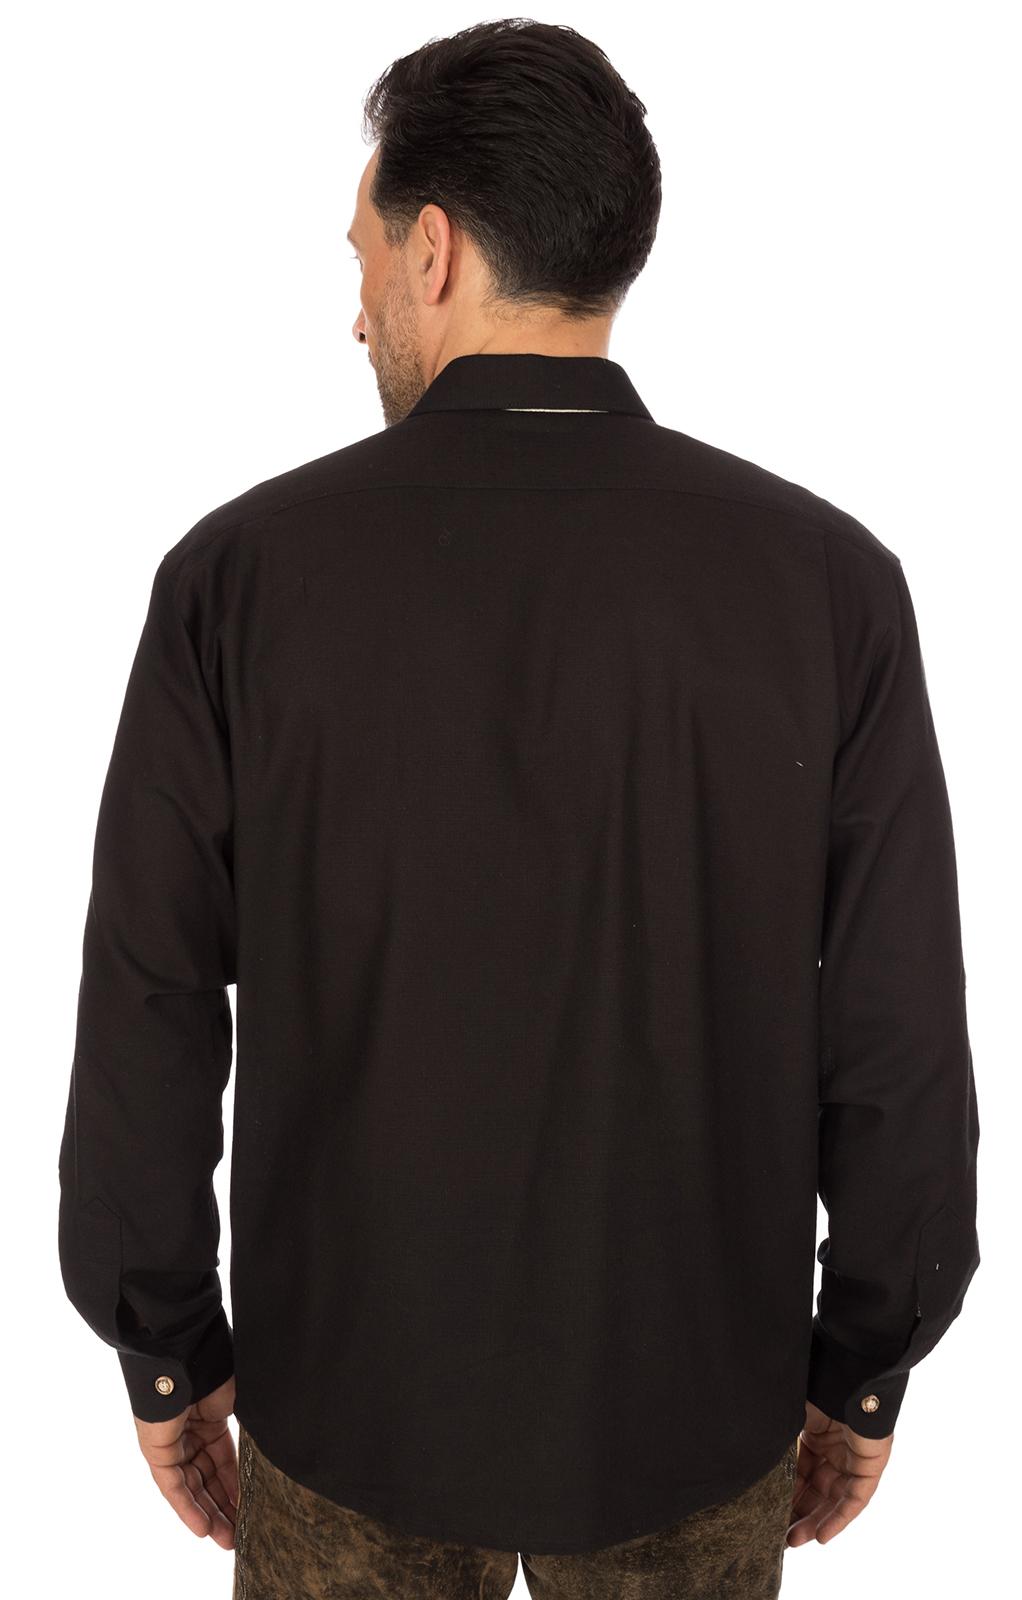 weitere Bilder von German traditional shirt black